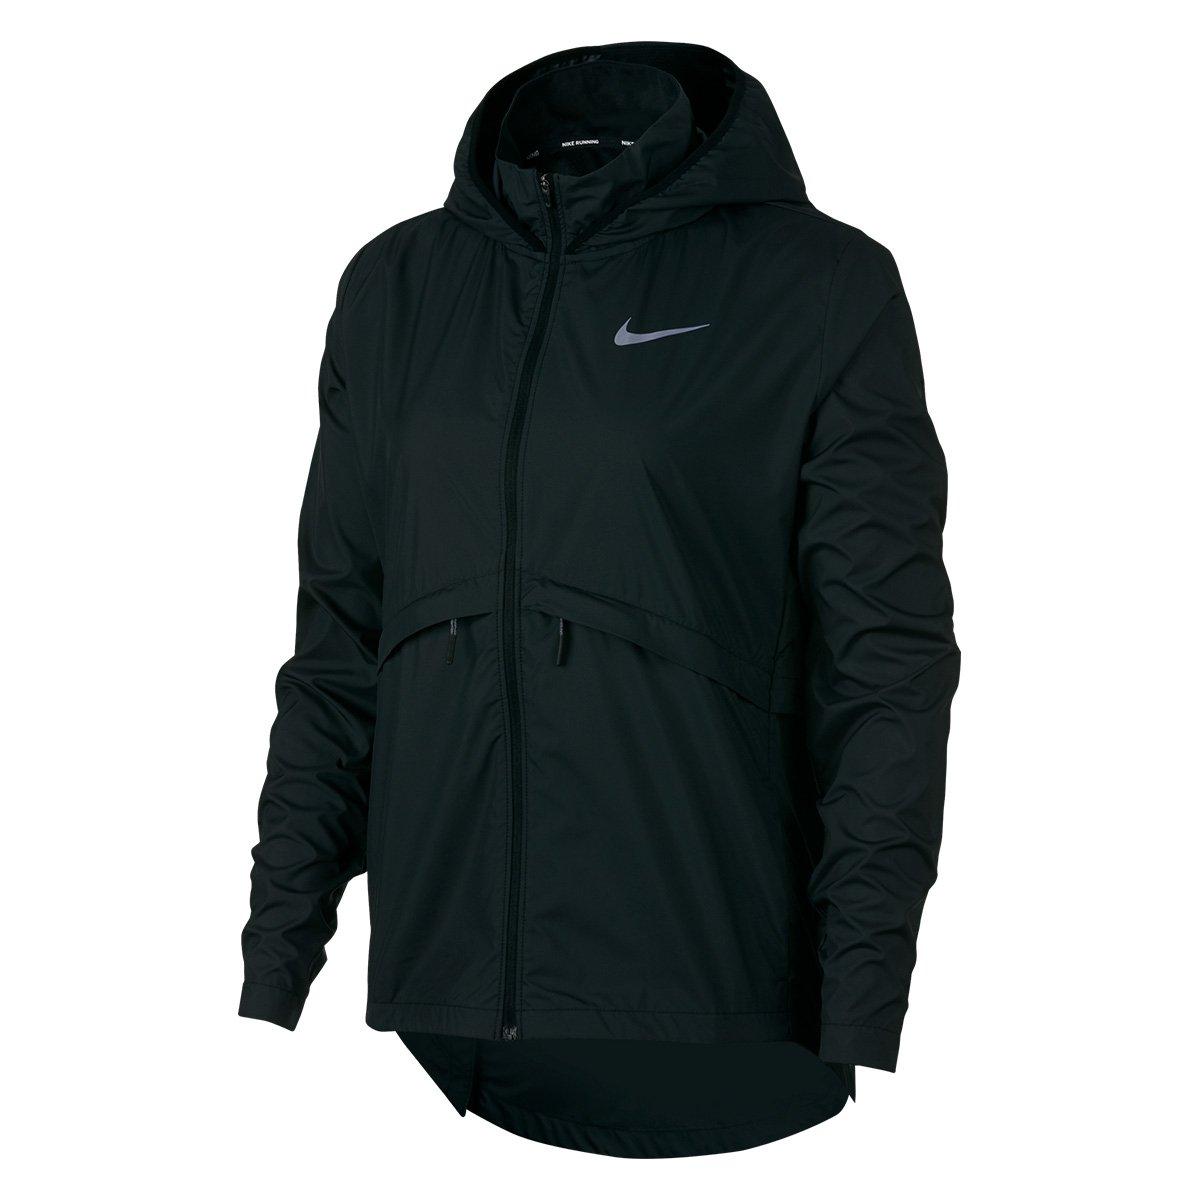 Jaqueta Nike Essential Hd Com Capuz Feminina Preto